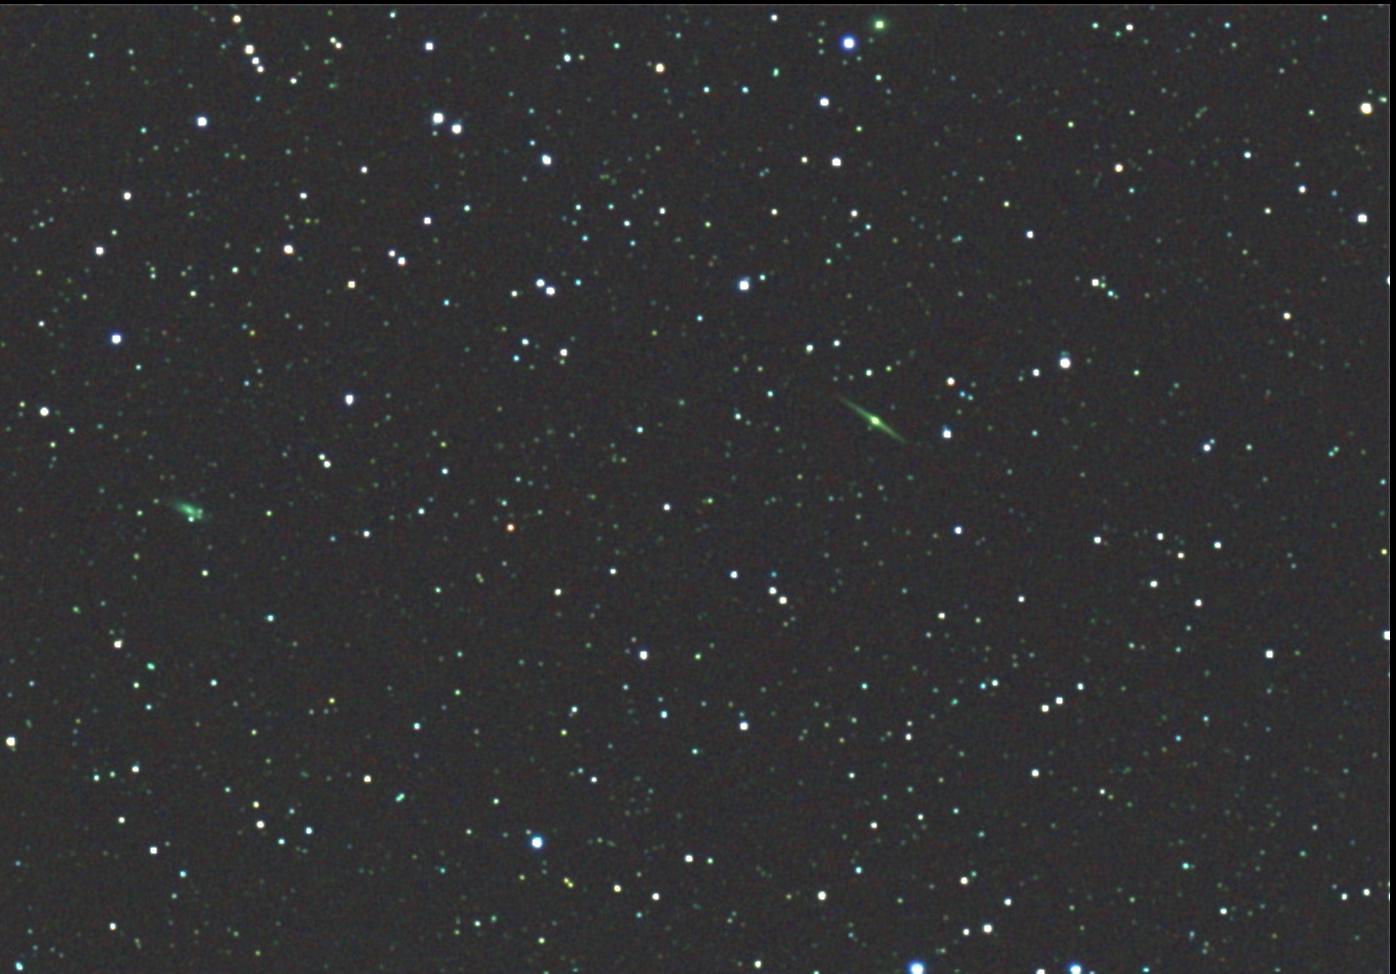 galaxie.jpg.a57857a69cd51bcebc49f7afe2caa3e4.jpg